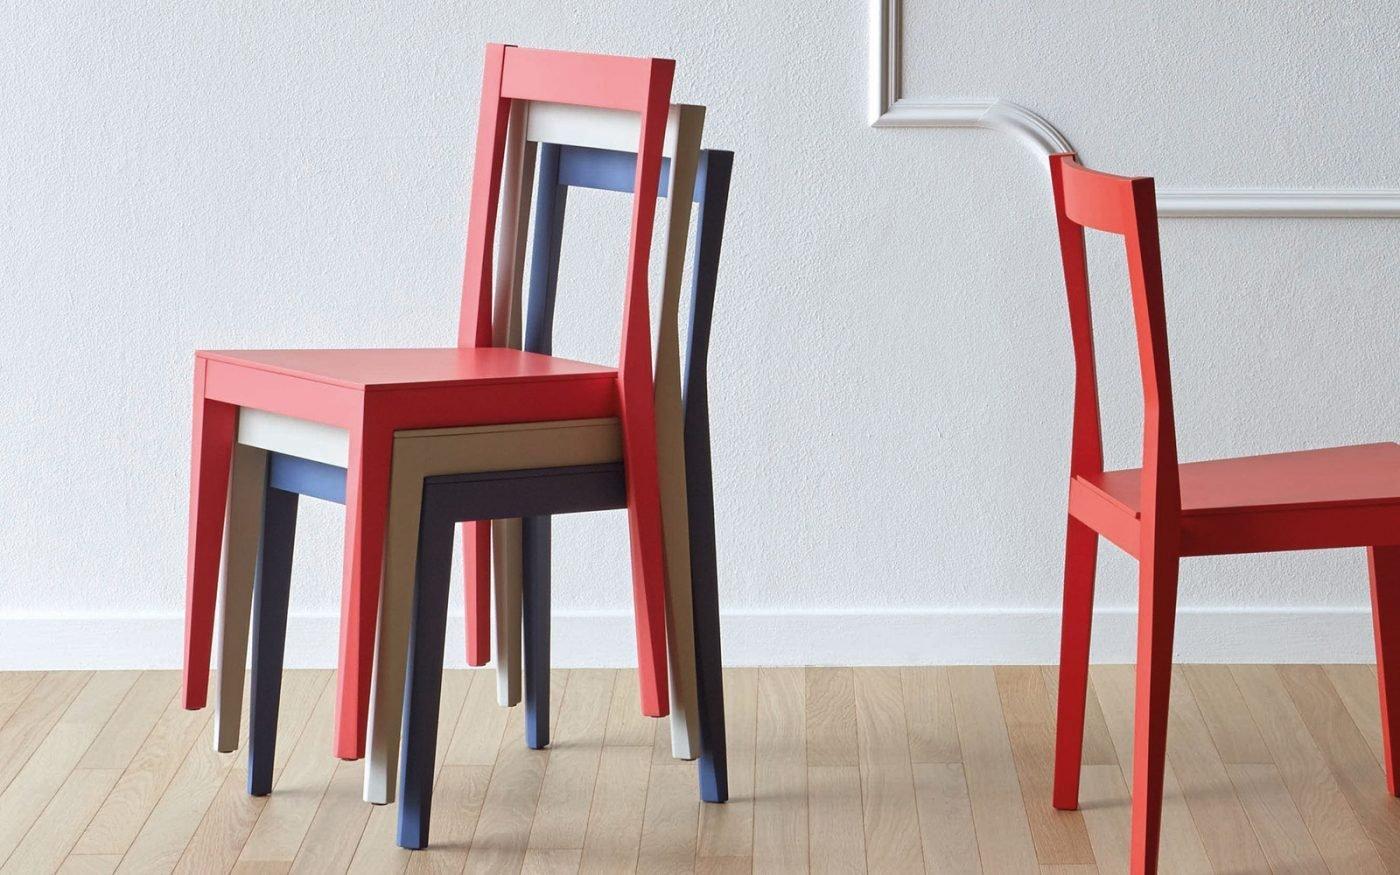 EMILIA chair coloured wood miniforms